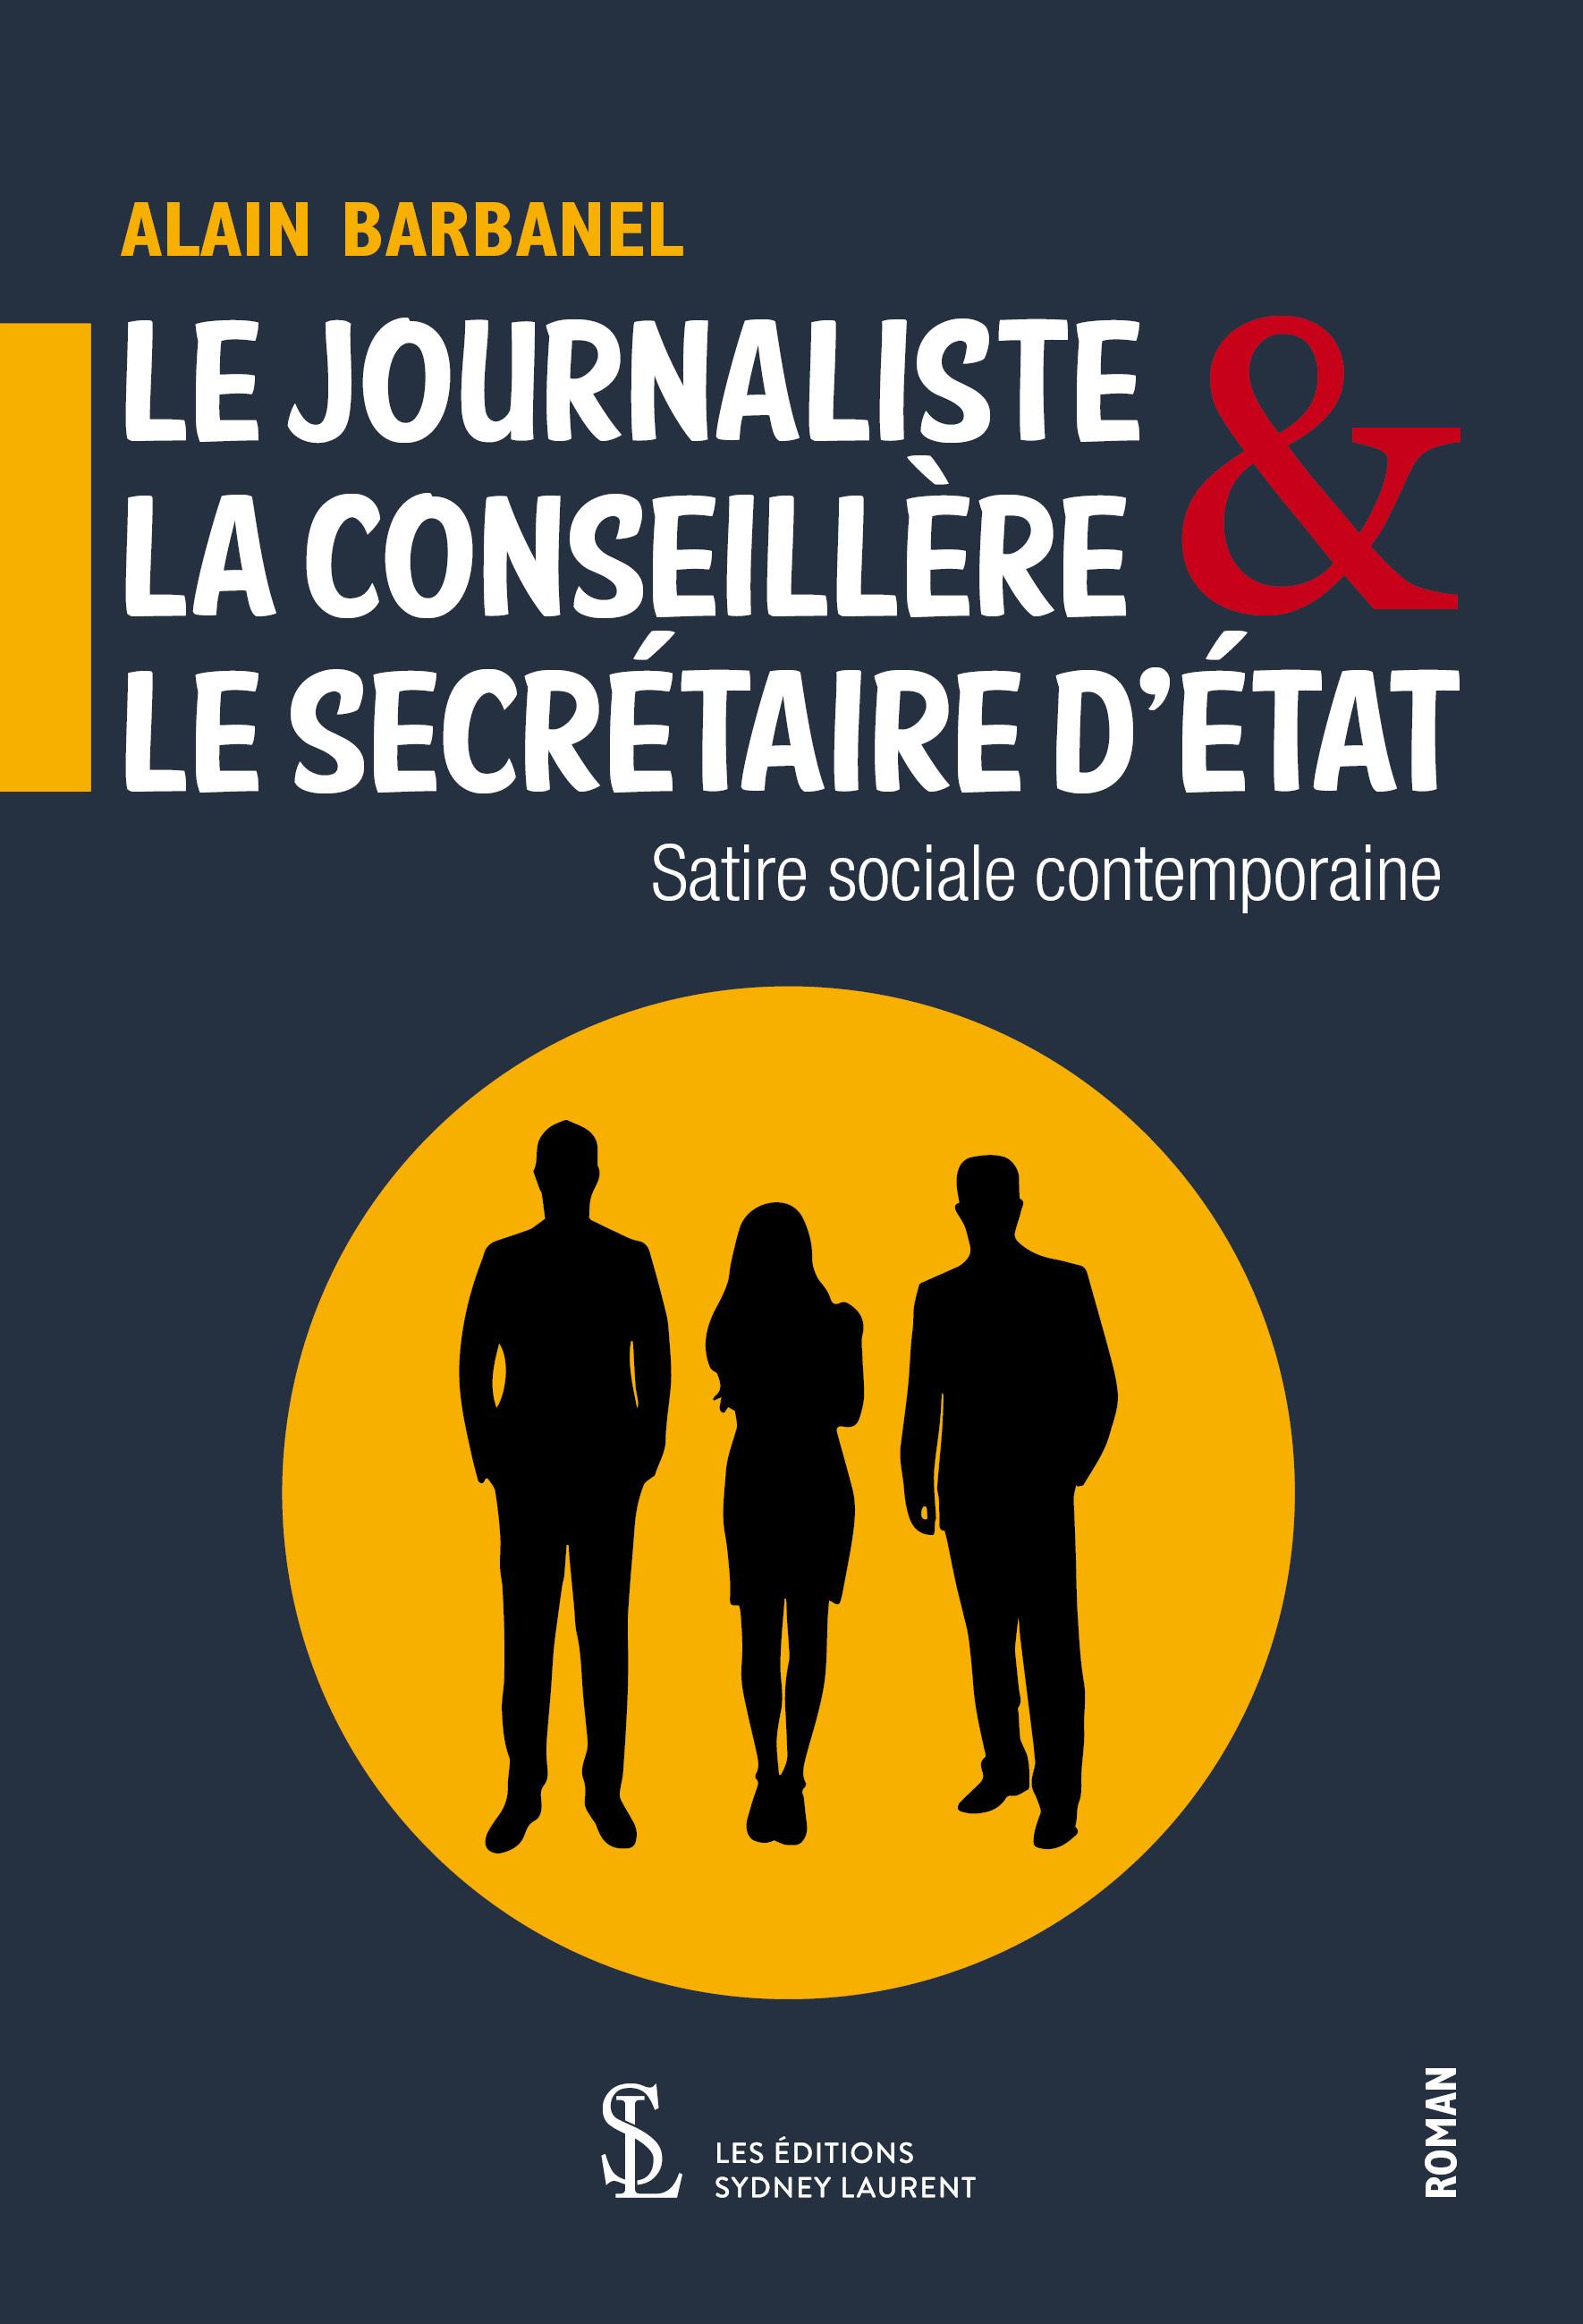 LE JOURNALISTE, LA CONSEILLERE & LE SECRETAIRE D'ETAT